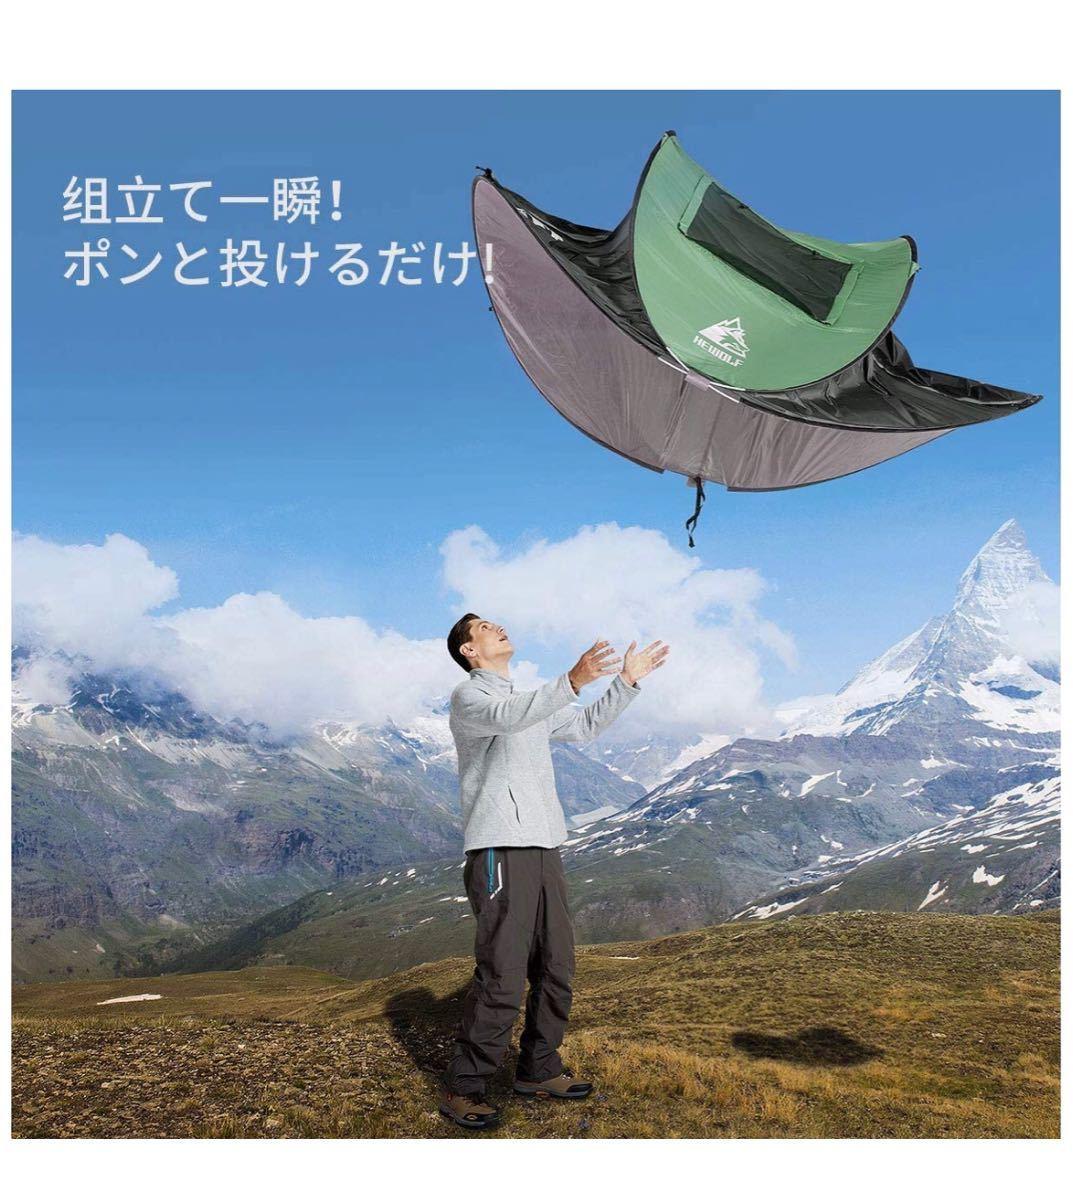 ZOMAKE ワンタッチ テント サンシェード テント 3-4人用